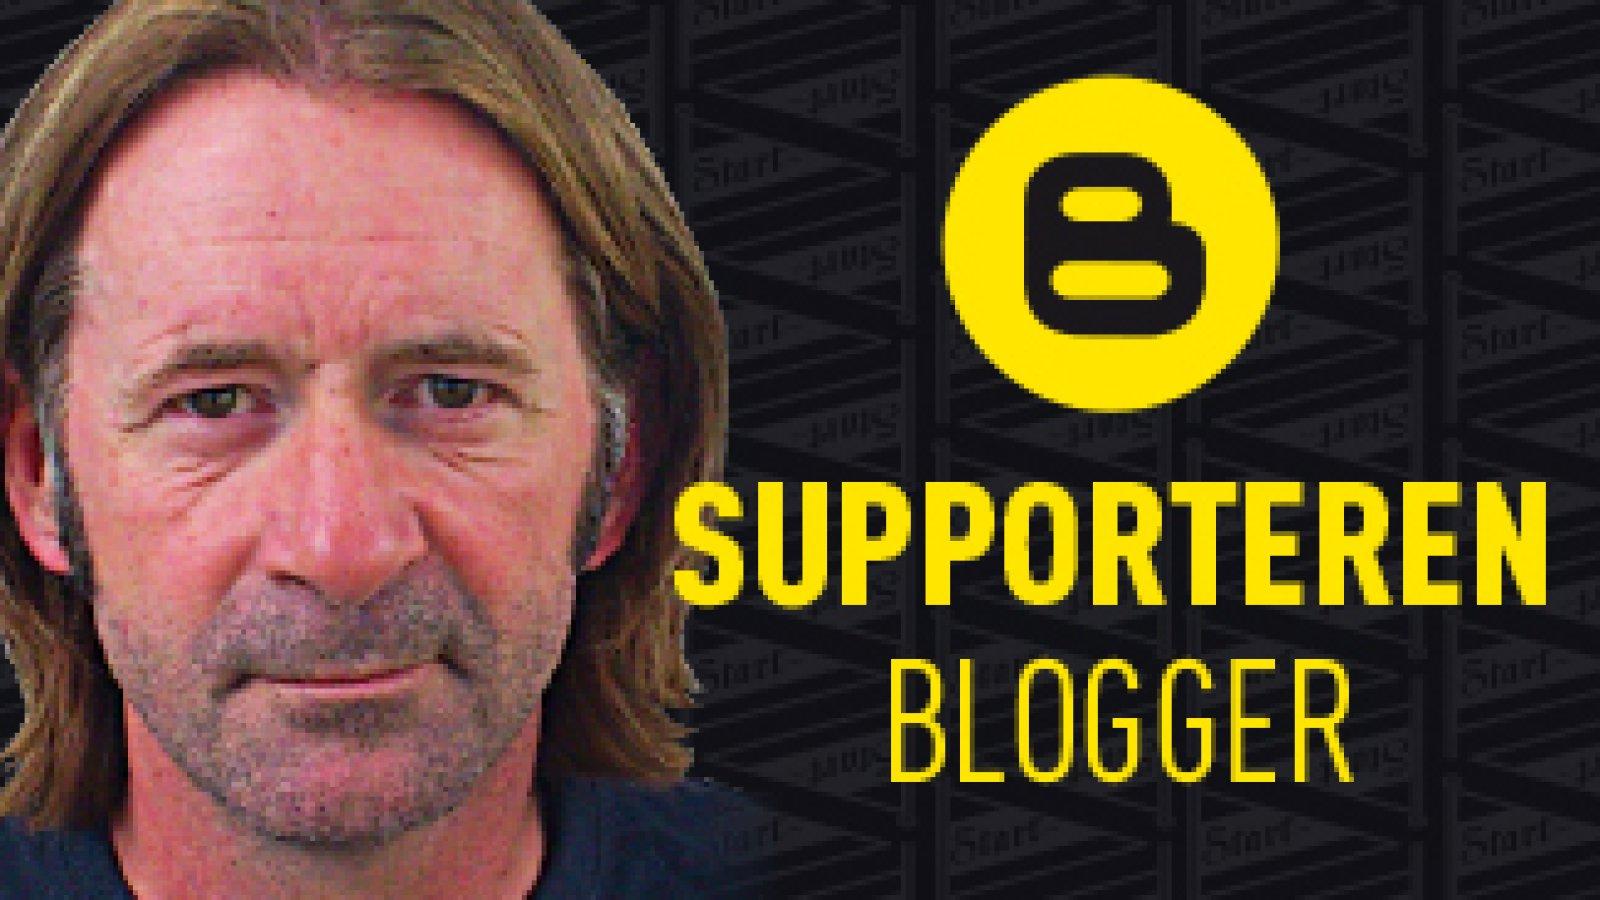 Supporteren blogger Andre